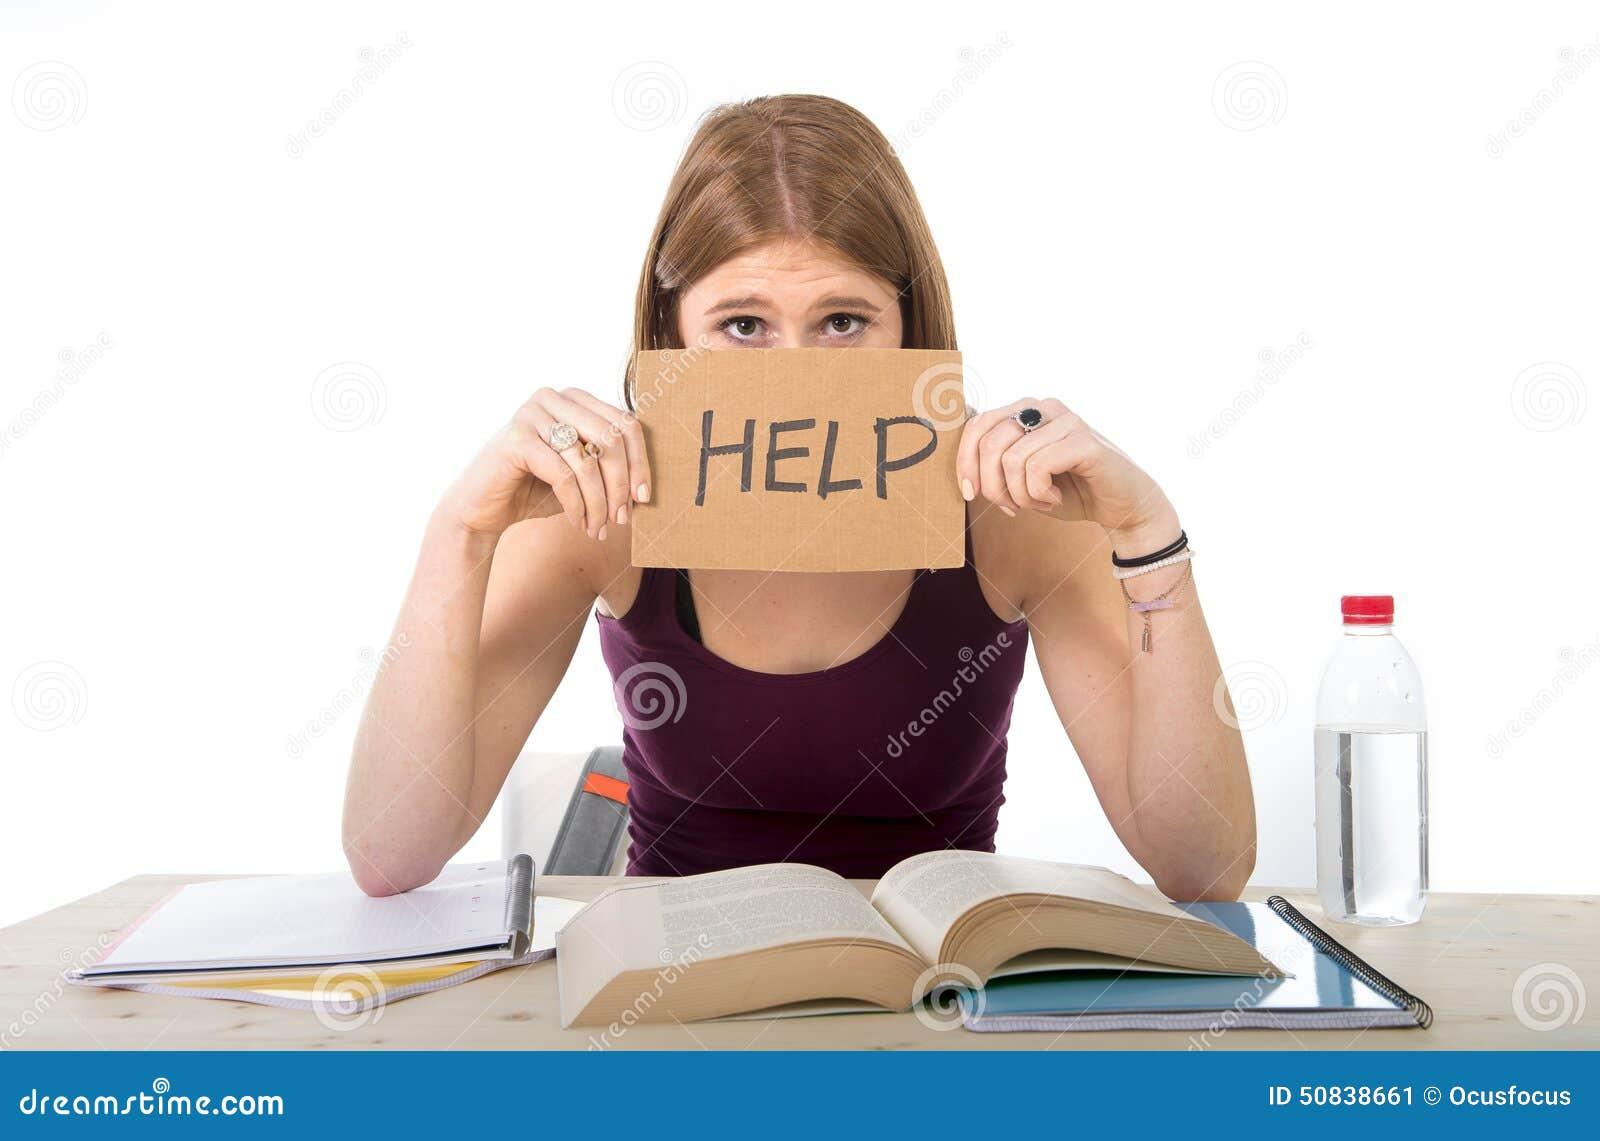 学习为大学检查的大学生女孩在重音担心请求帮忙